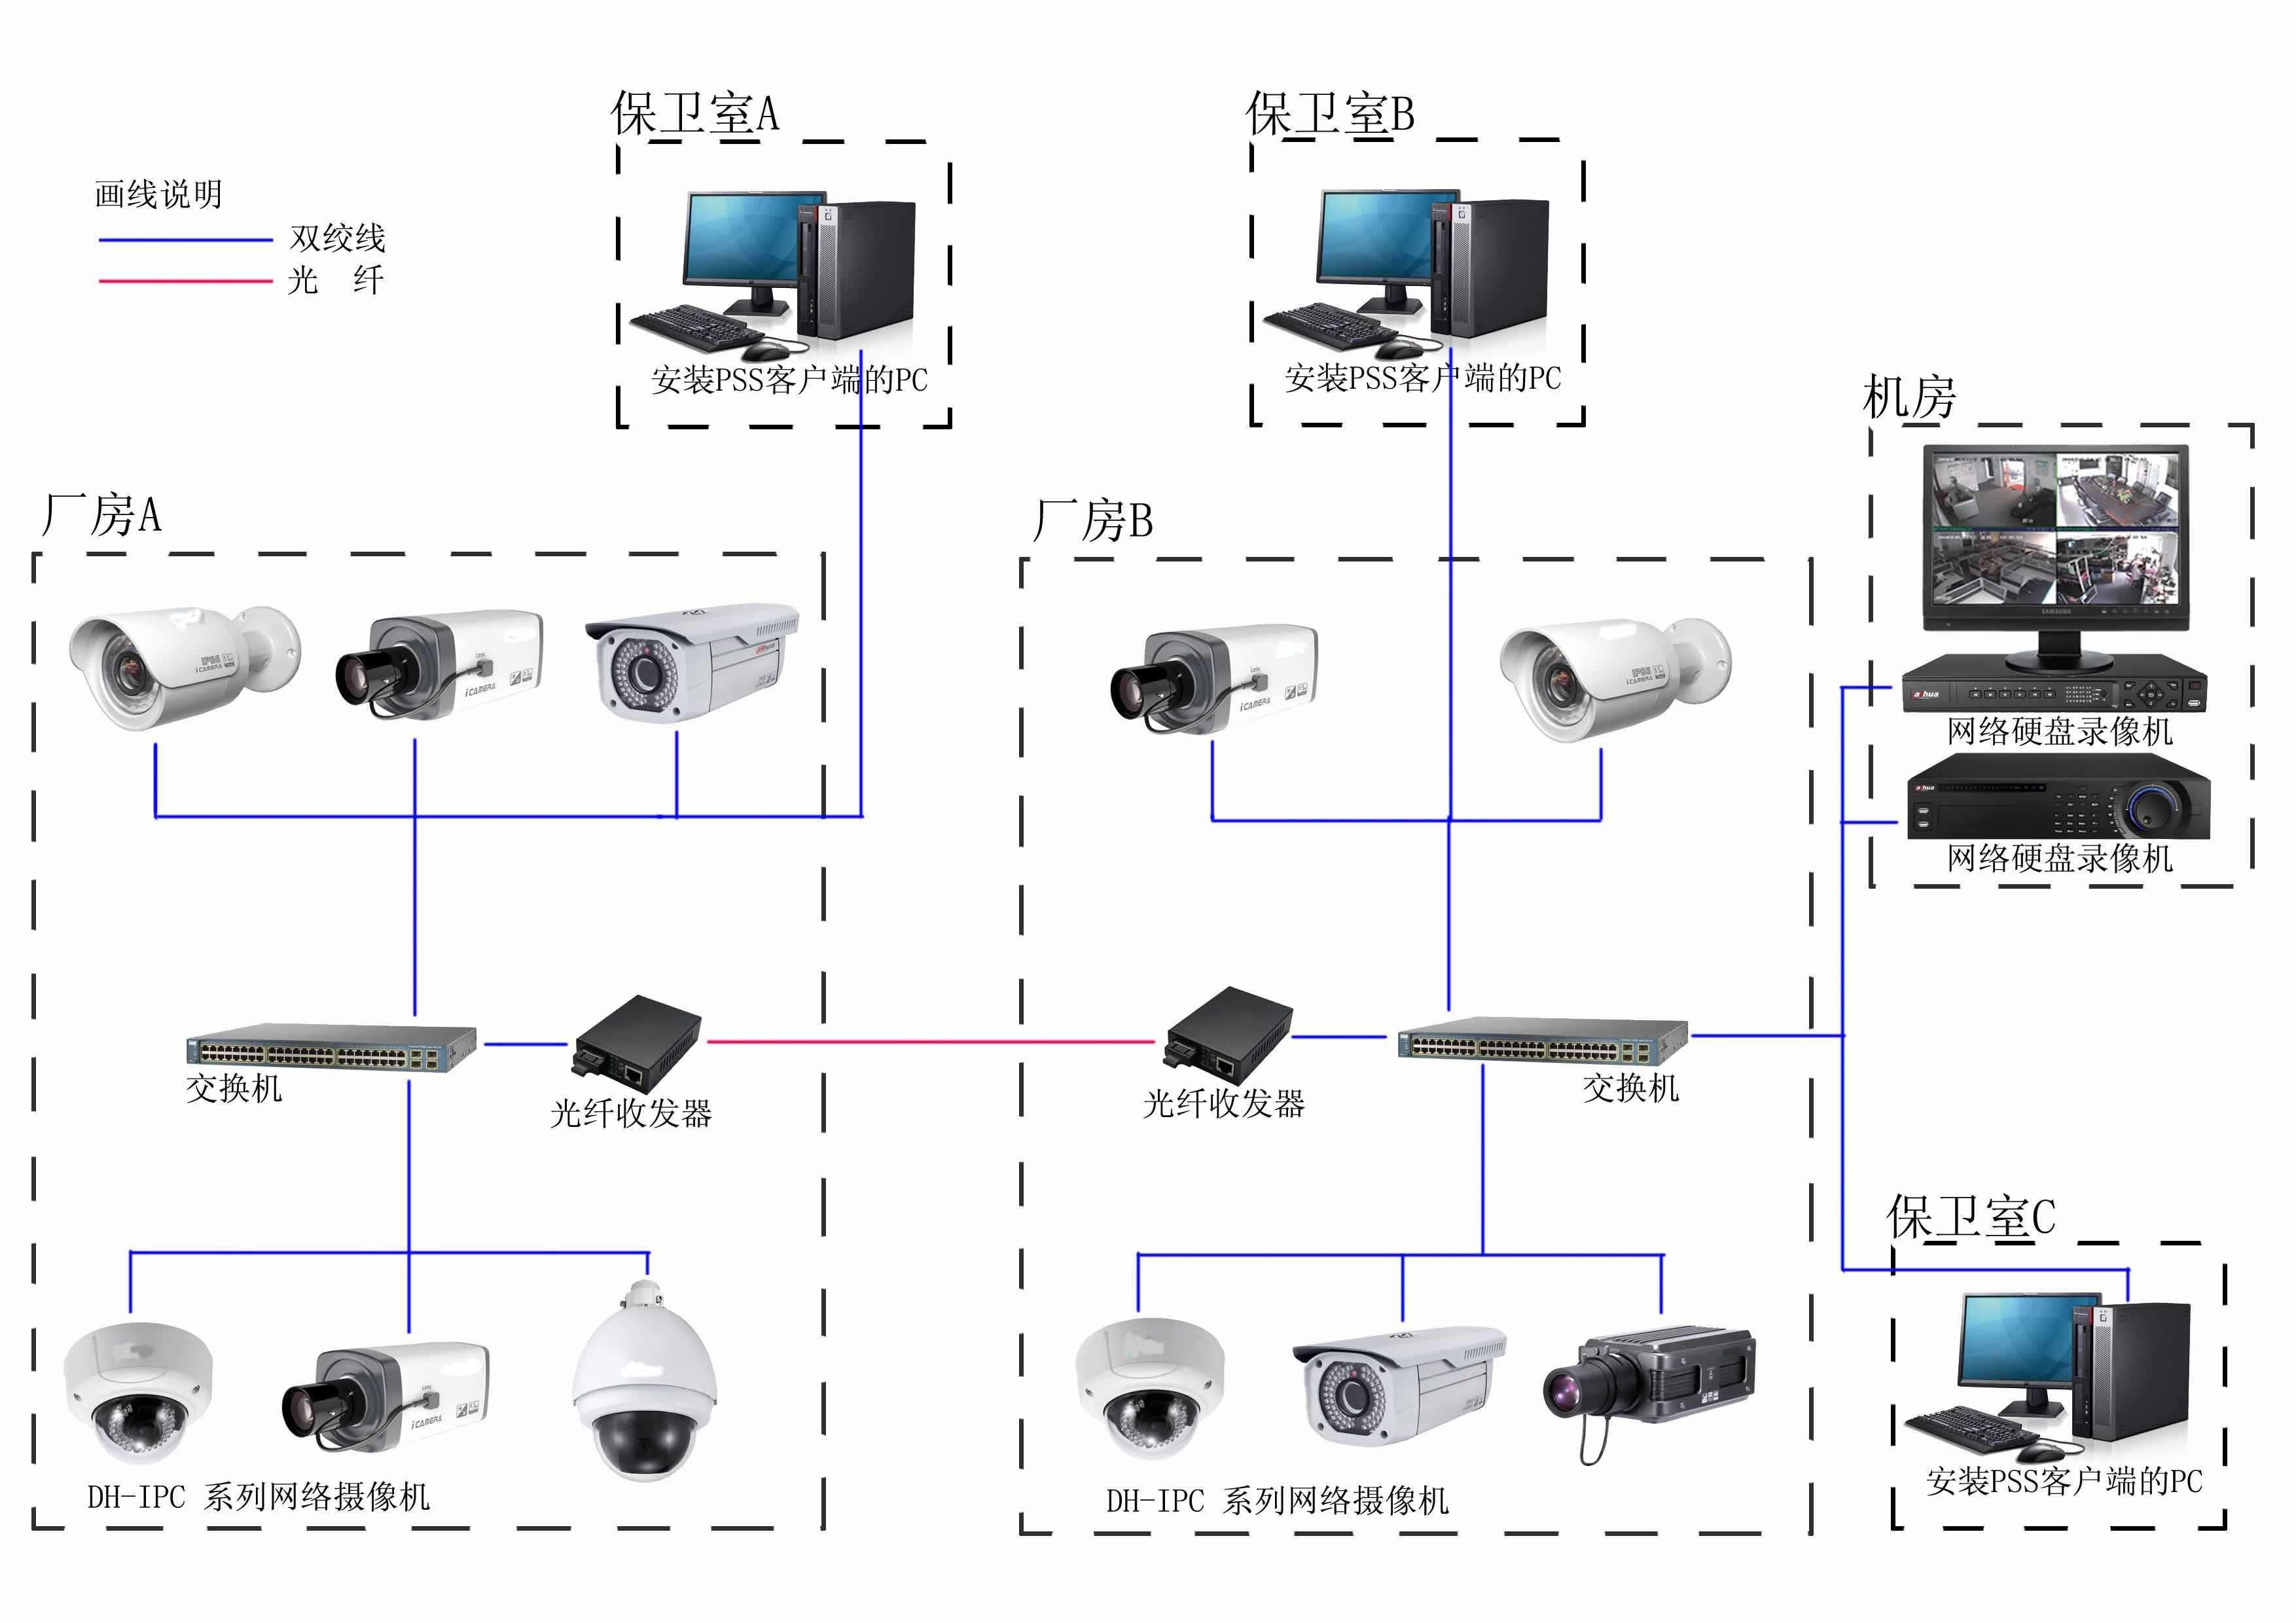 在选择四川安防监控系统镜头时,需要考虑哪些因素呢?